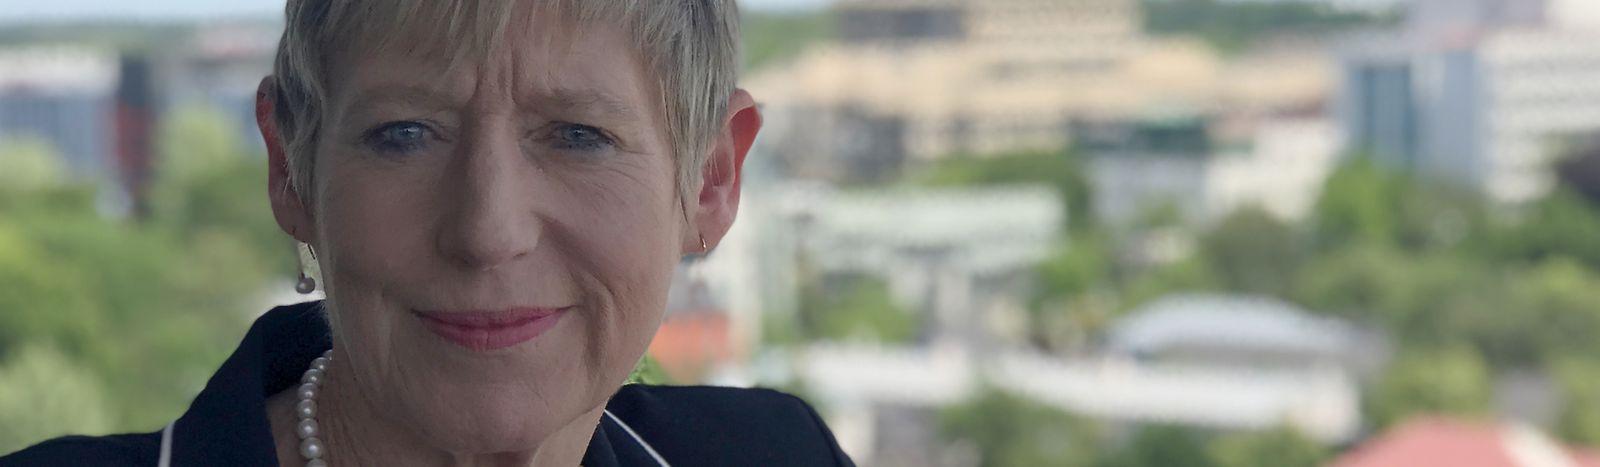 Die Bürgermeisterin der neuseeländischenStadt Christchurch, Lianne Dalziel.